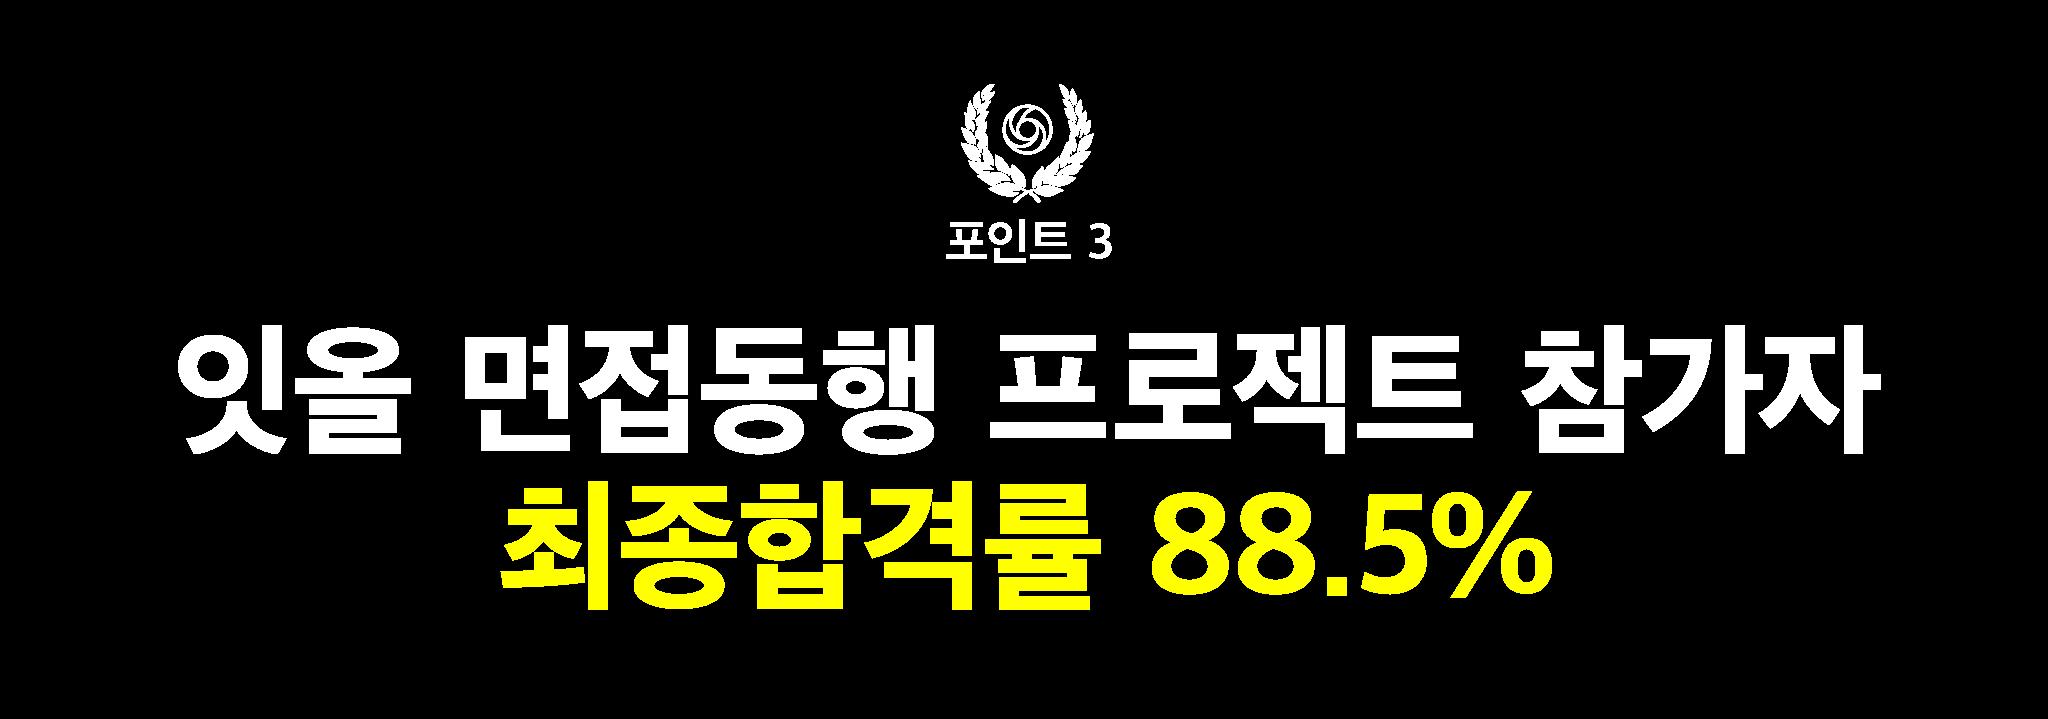 잇올 면접동행 프로젝트 참가자 최종합격률 88.5%